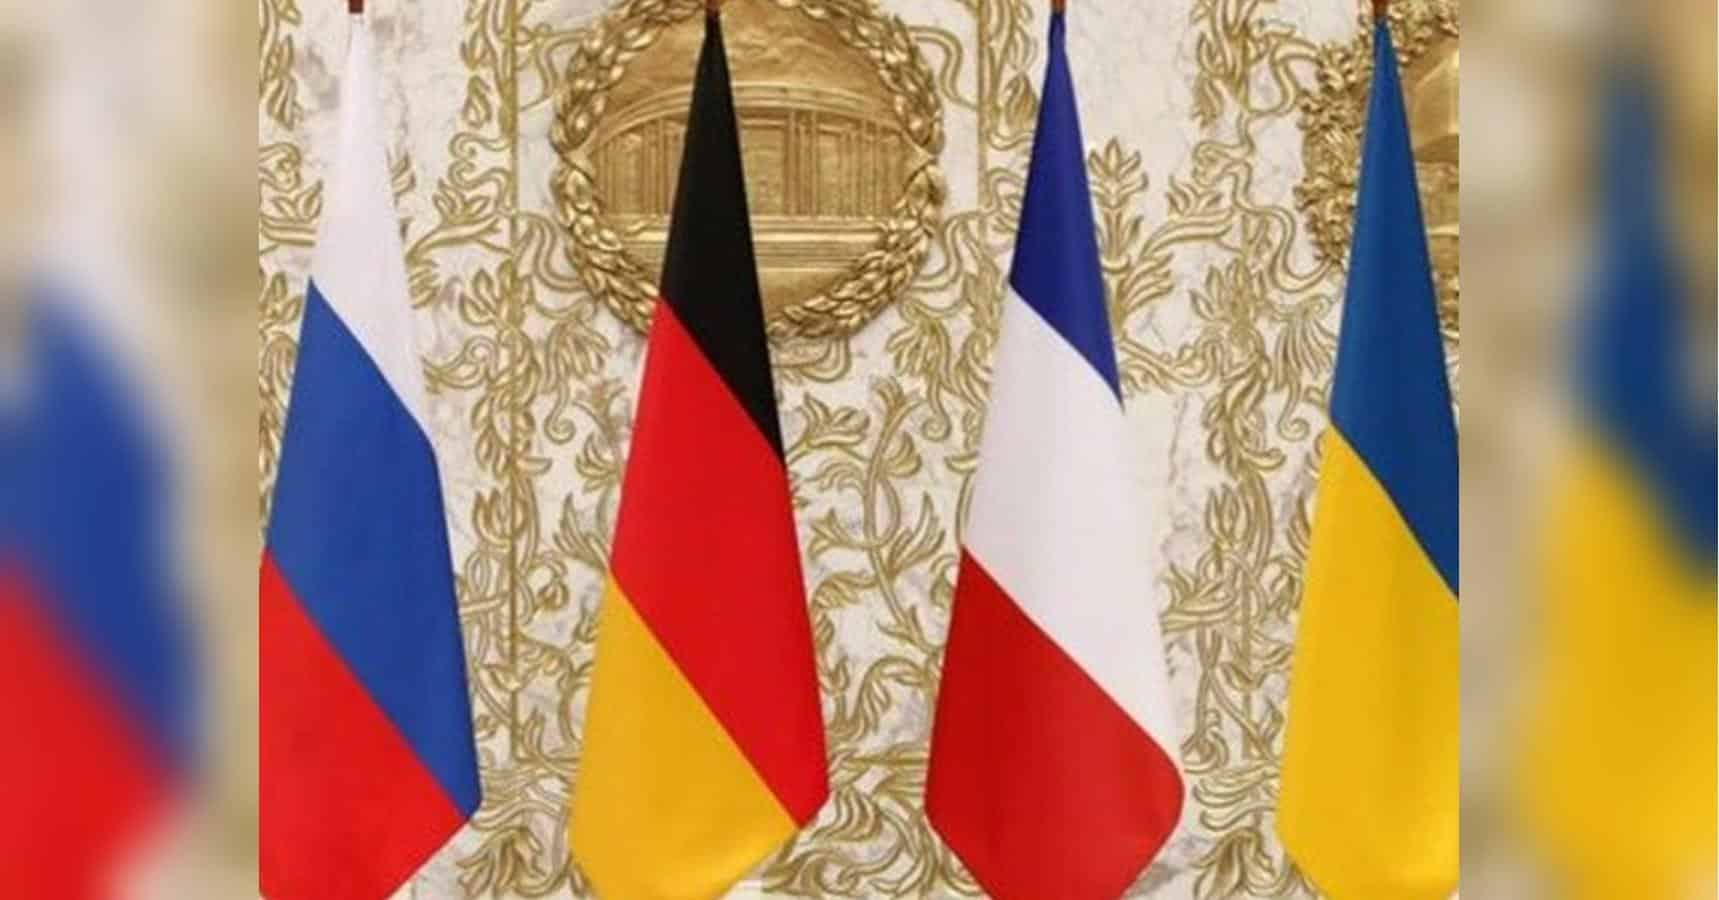 Когда Путин и Зеленский проведут встречу: стали известны возможные сроки